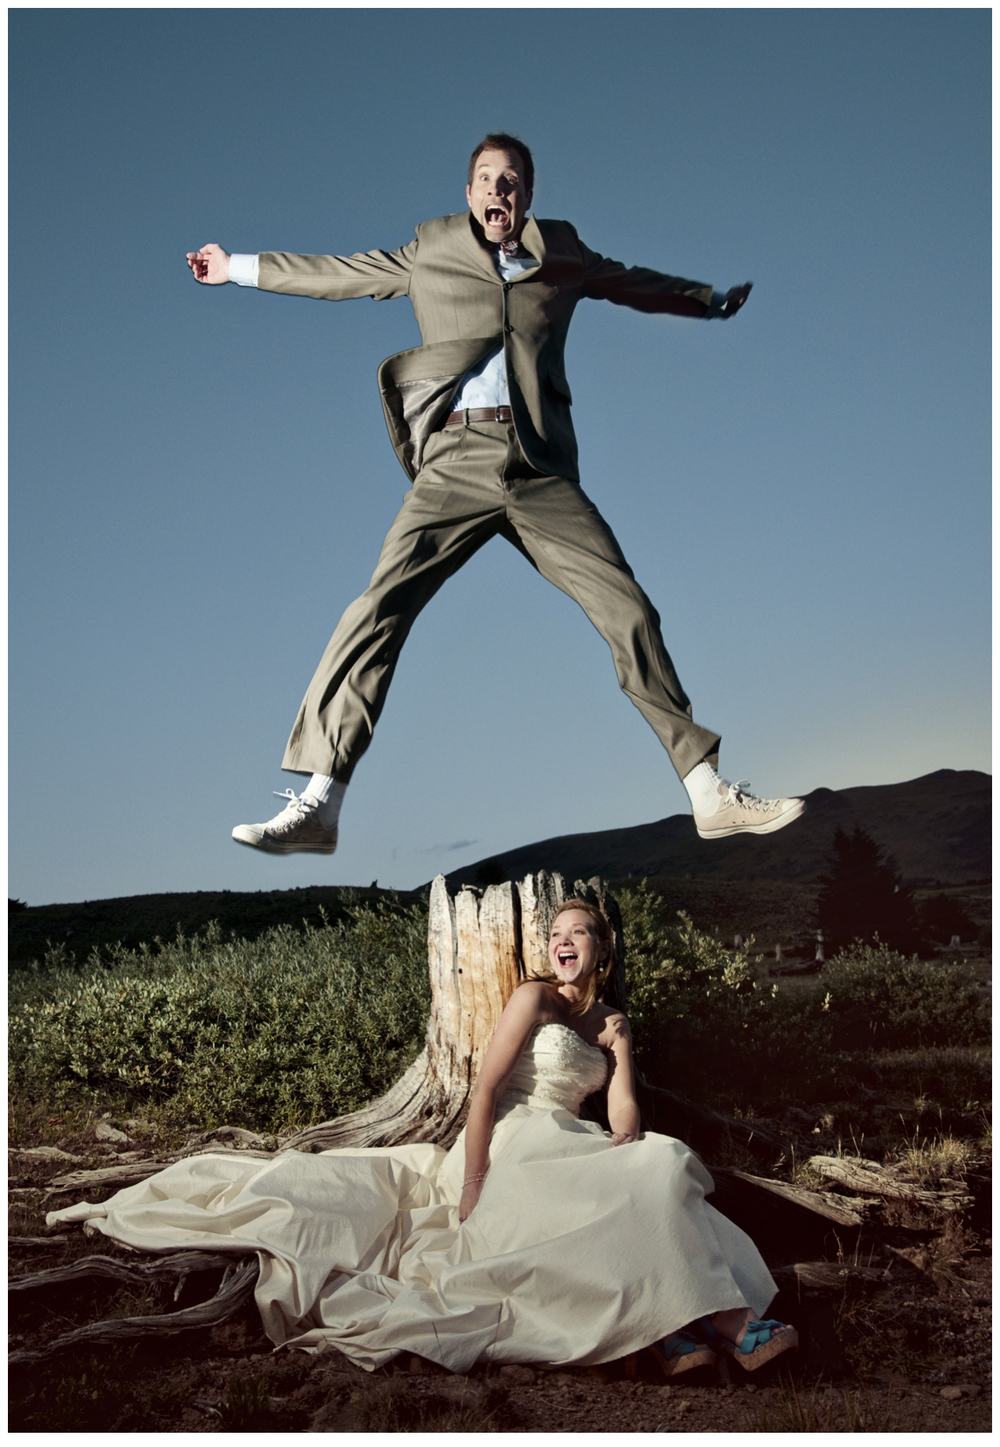 068-AmandaKoppImages-Wedding-Day-After-Photo.jpg